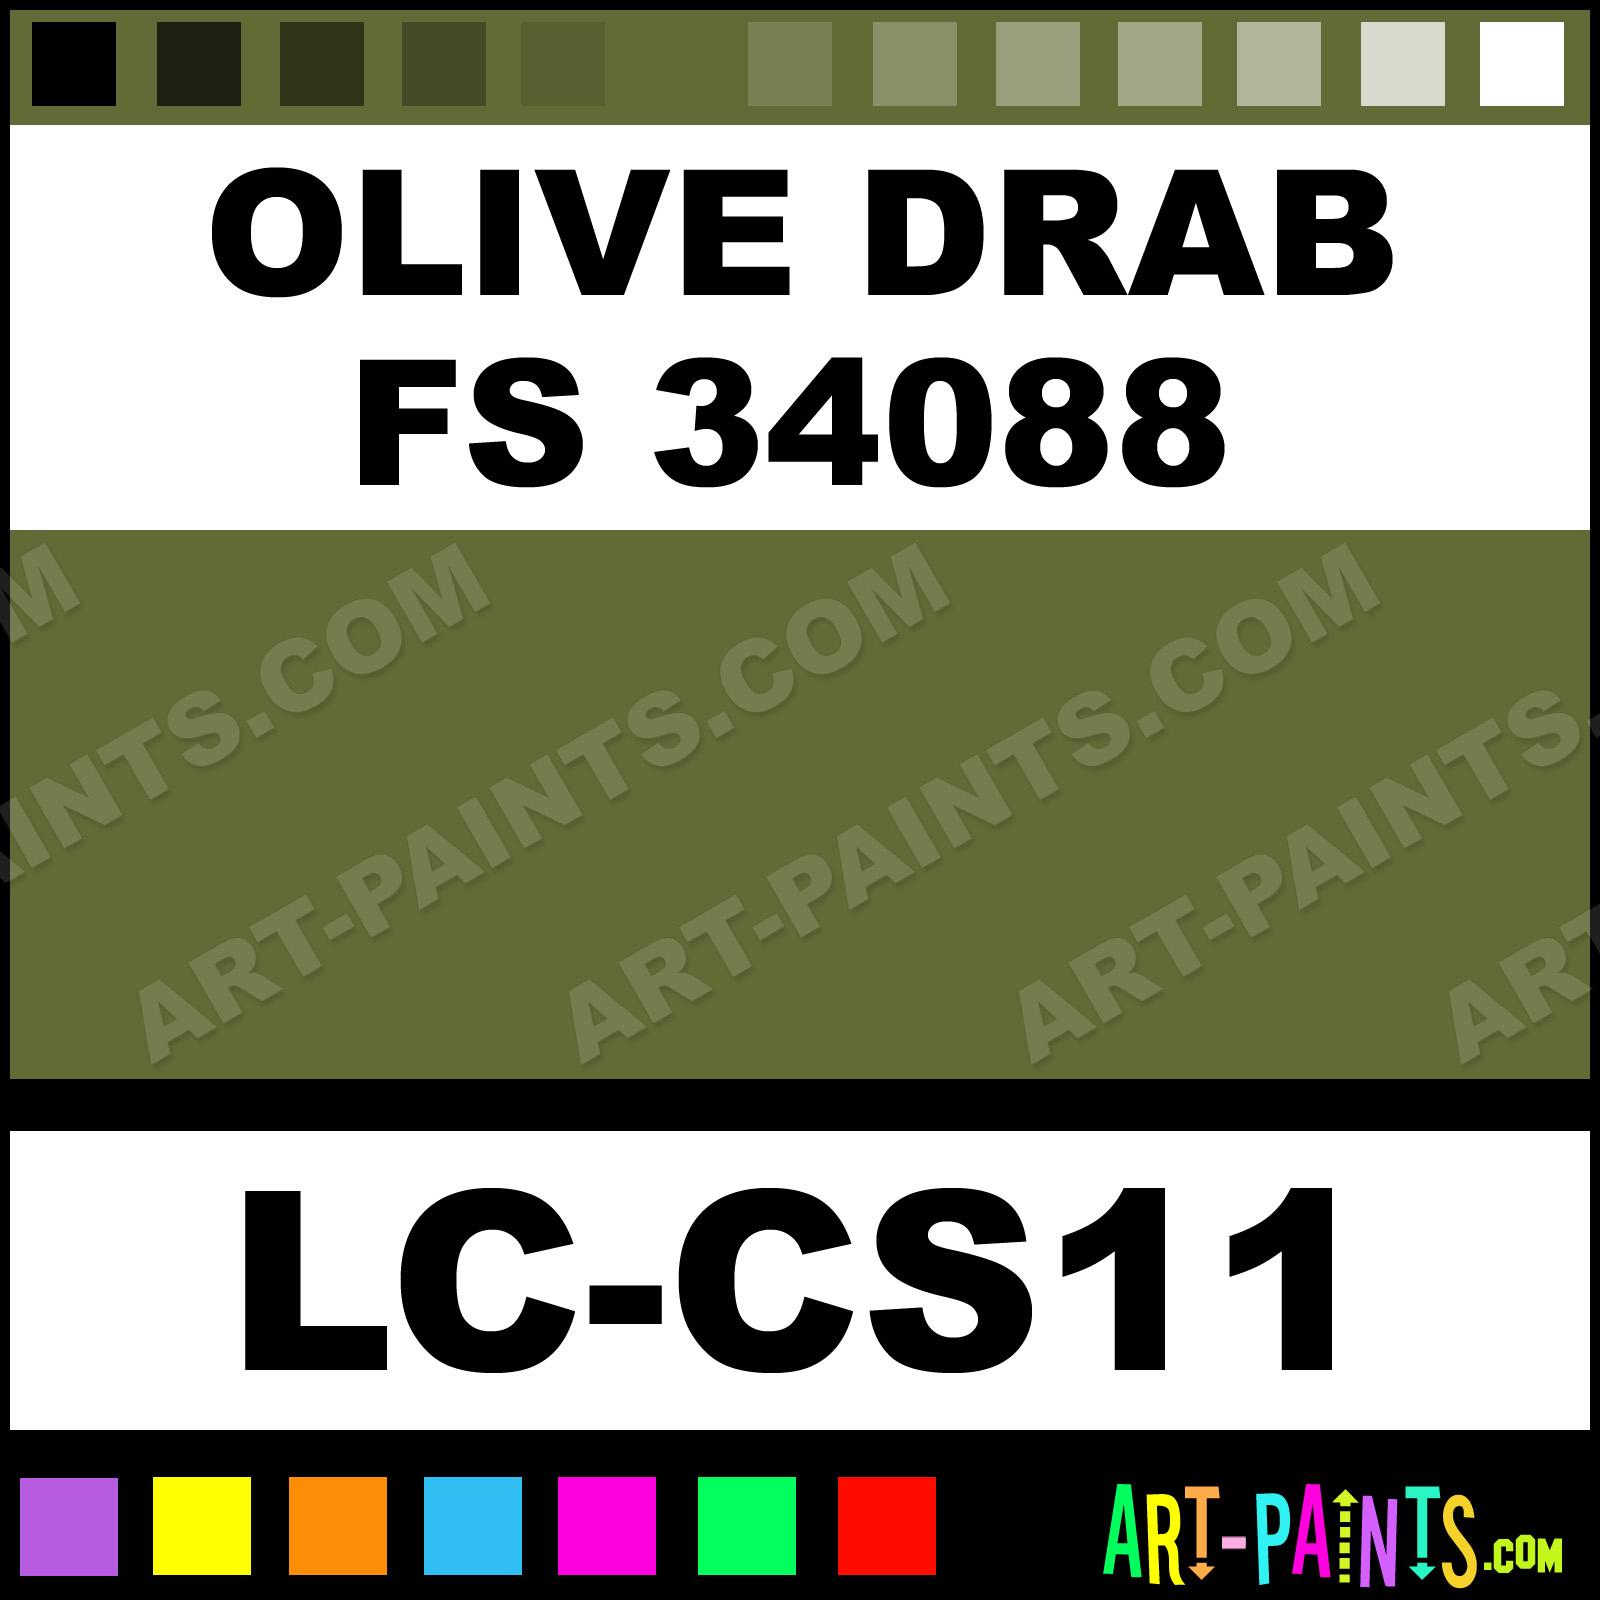 Olive-Drab-FS-34088-xlg Olive Drab Color